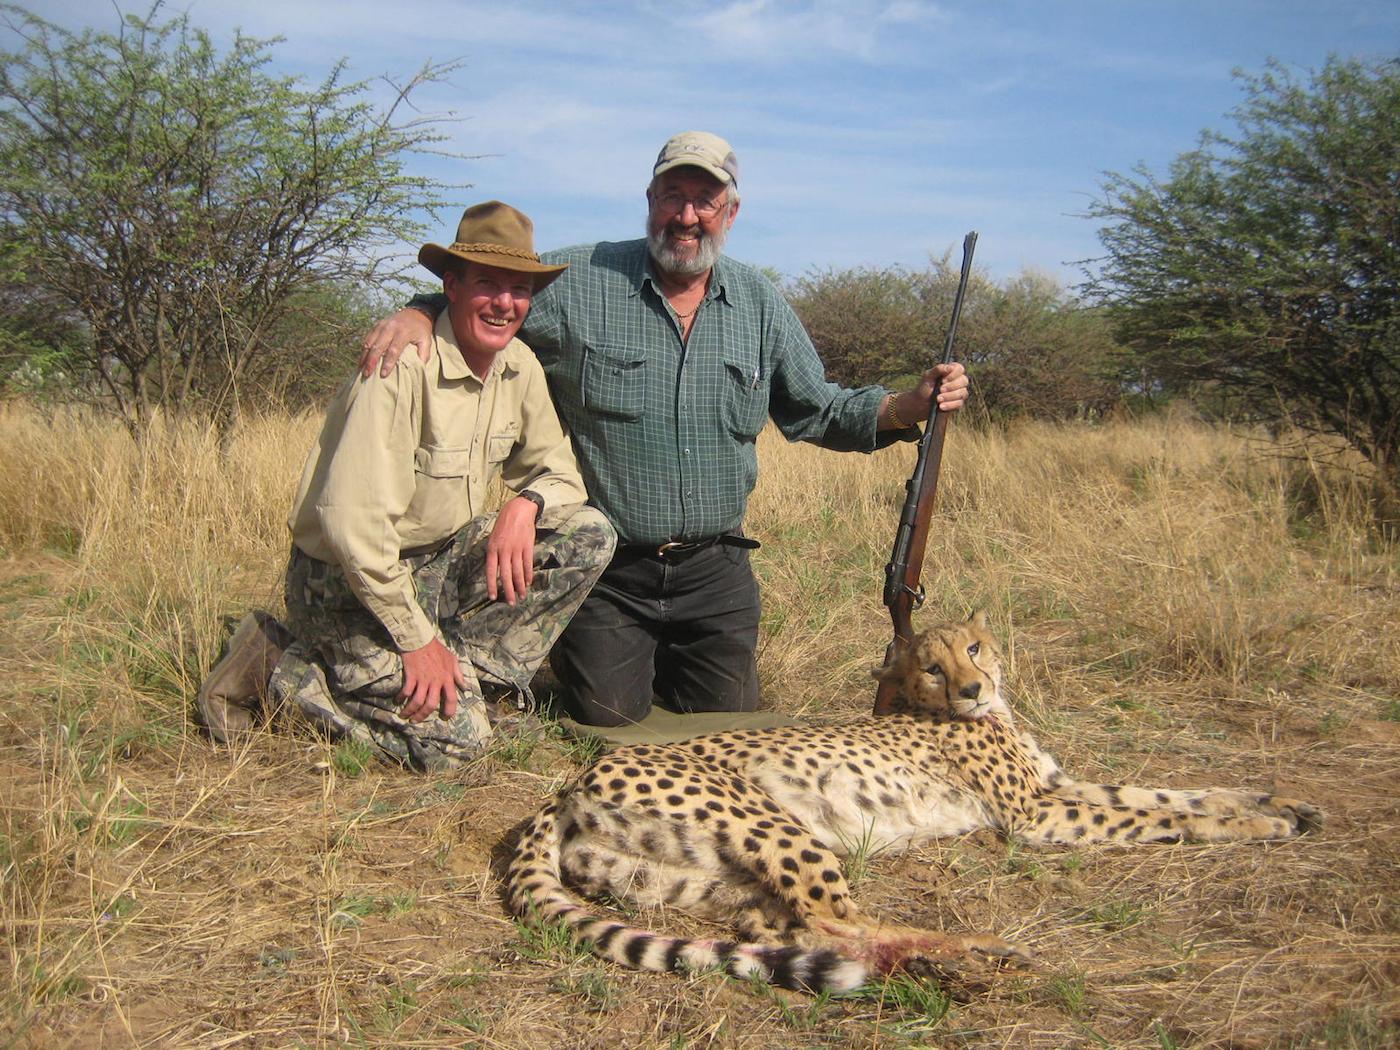 hunting-cheetah-006